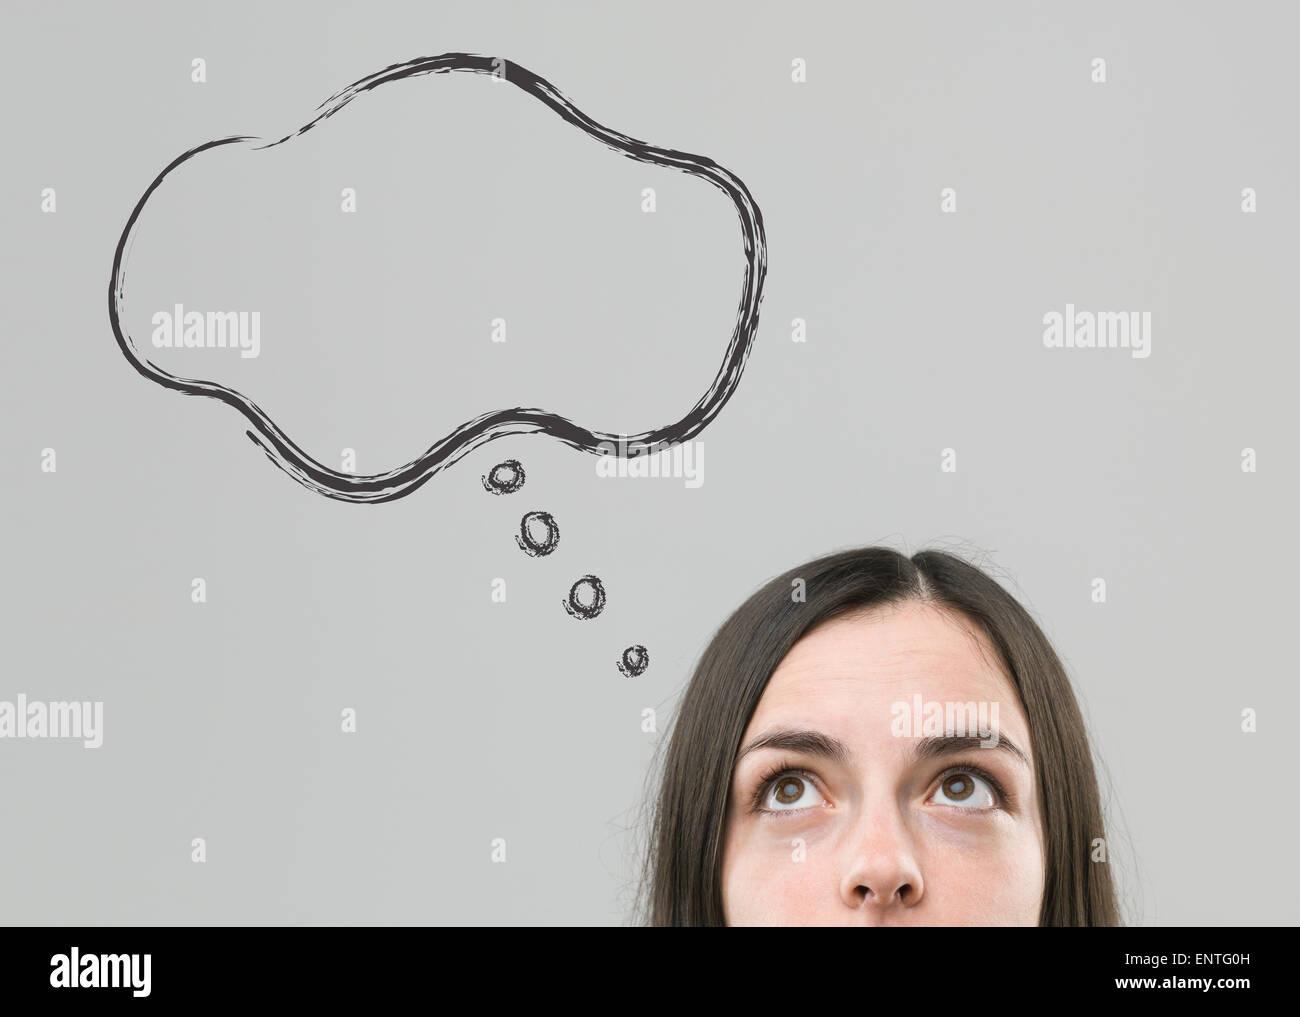 Blick auf die junge Frau blickte auf leere Blase denken beschnitten Stockbild